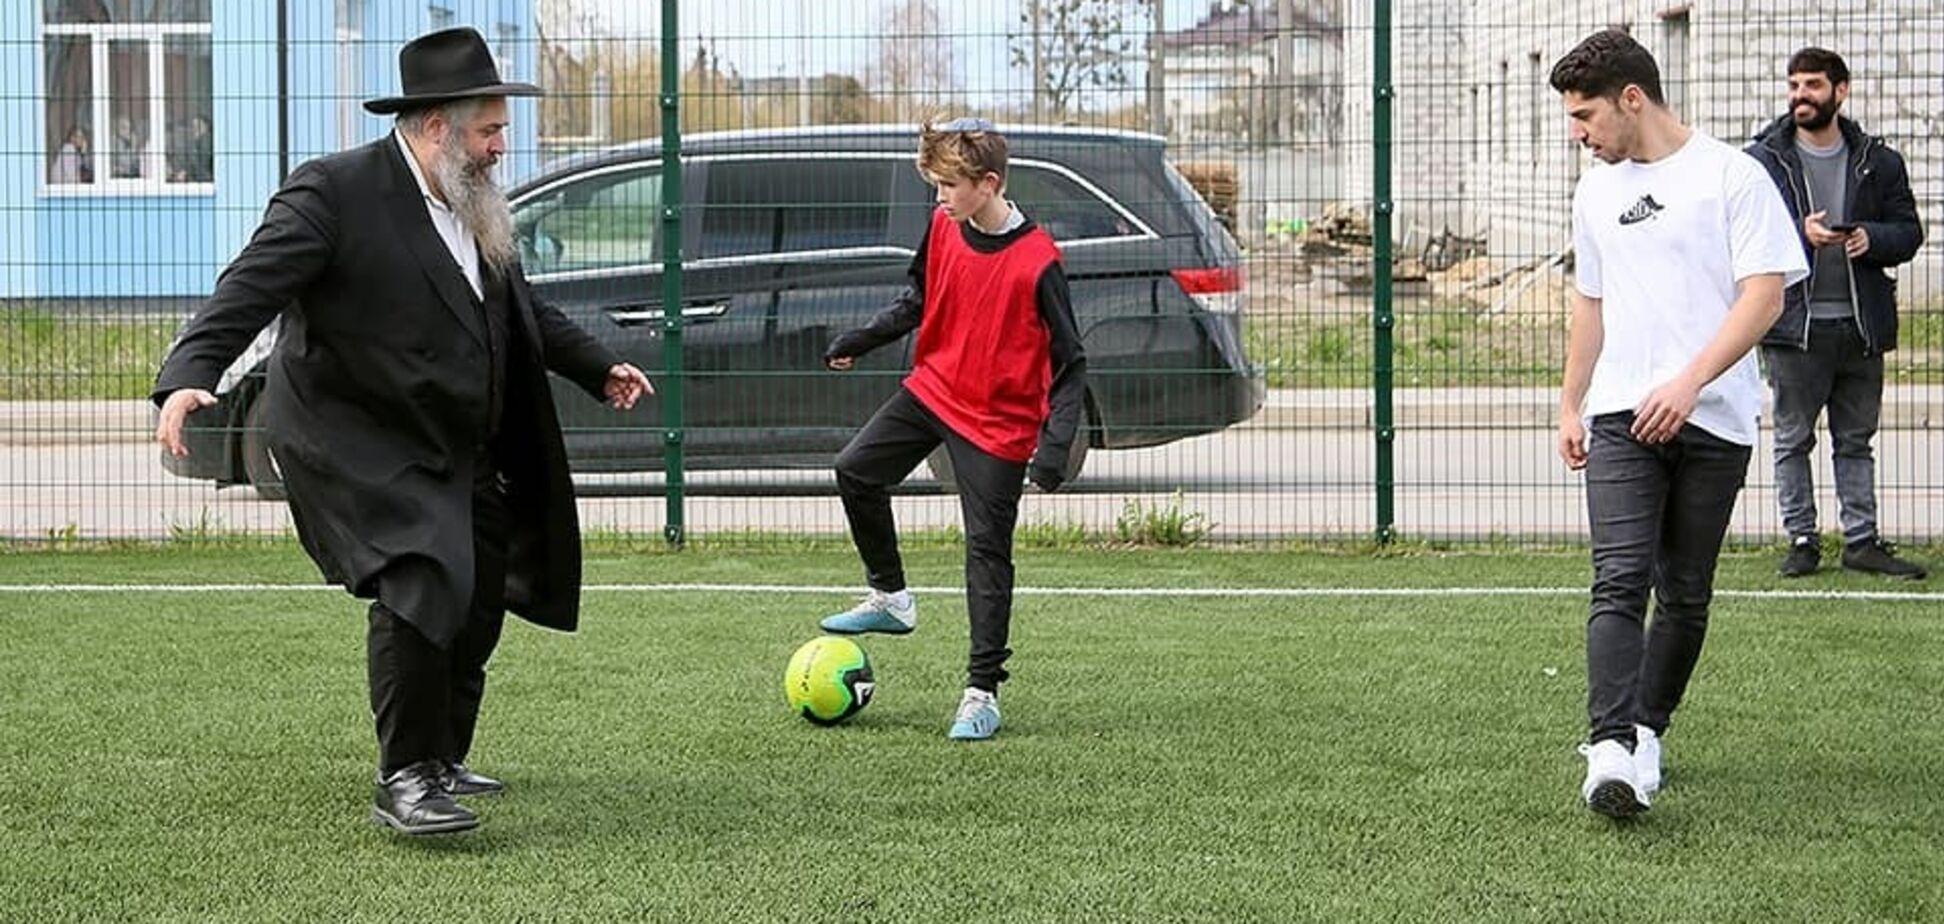 Головний рабин України та зірка 'Шахтаря' зіграли у футбол. Фото